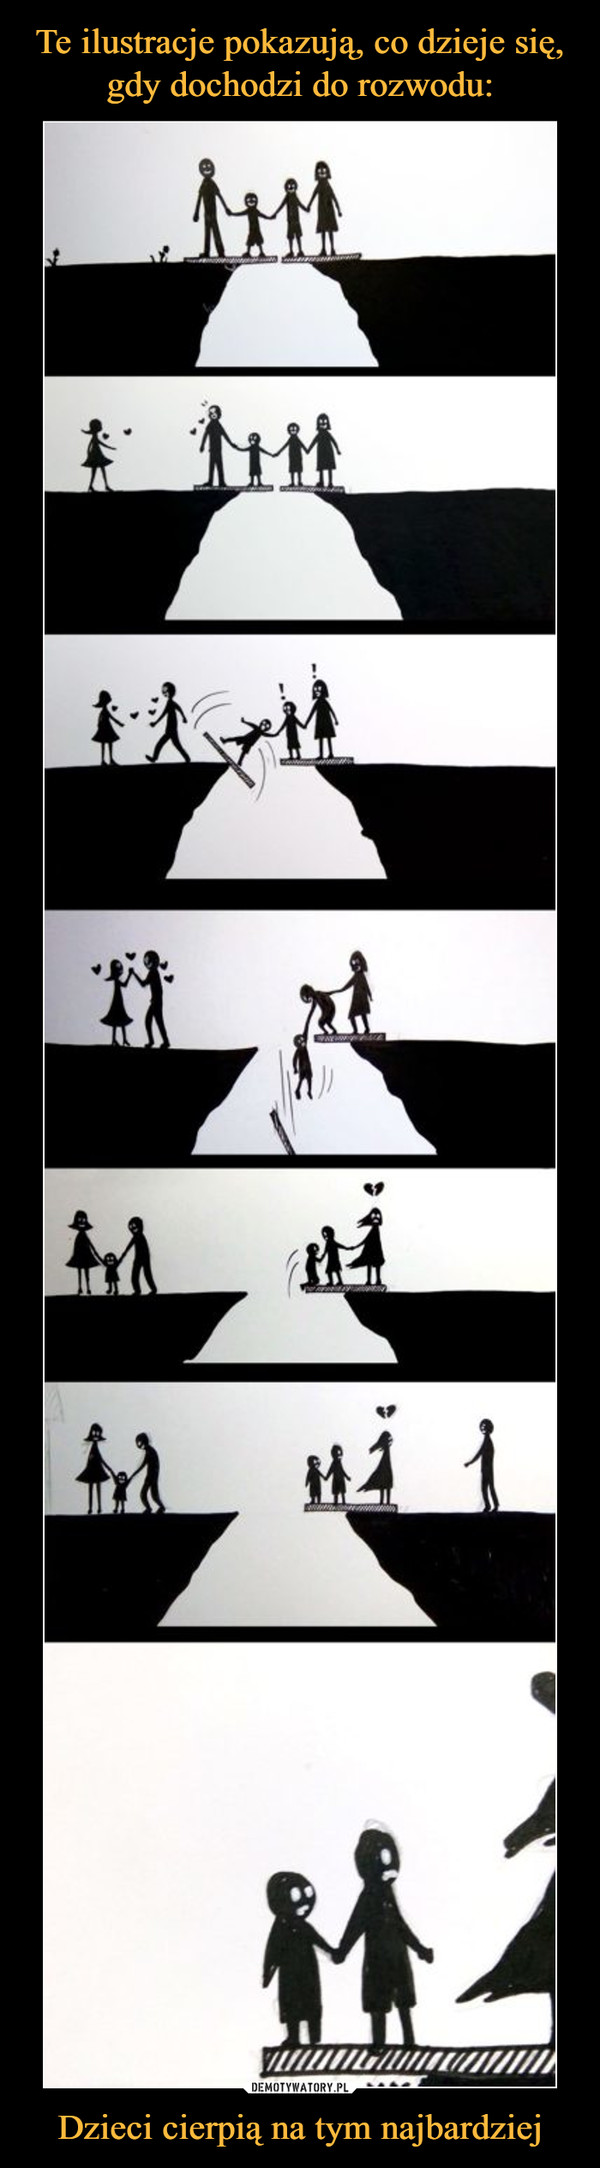 Dzieci cierpią na tym najbardziej –